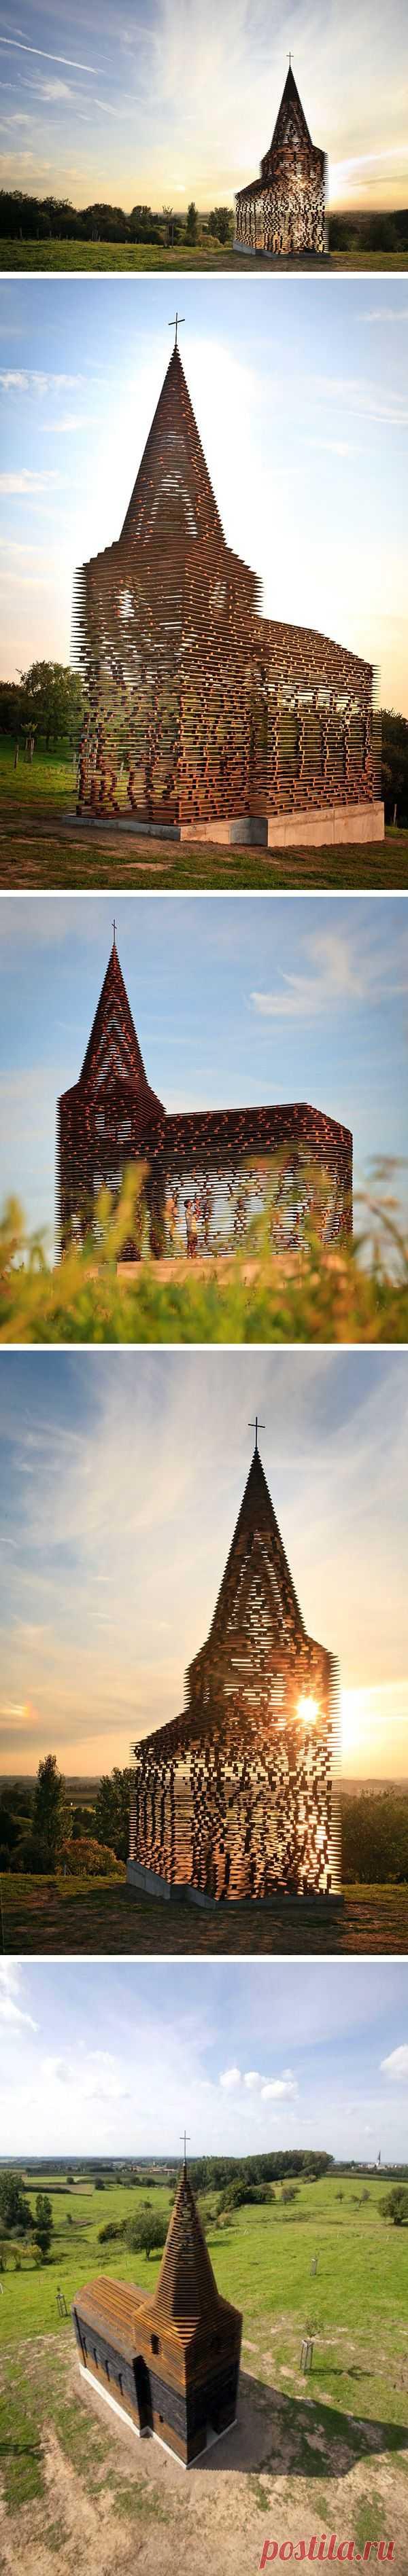 Прозрачный храм, как символ невидимой грани взаимоотношений Бога и человека. Лимбург, Бельгия